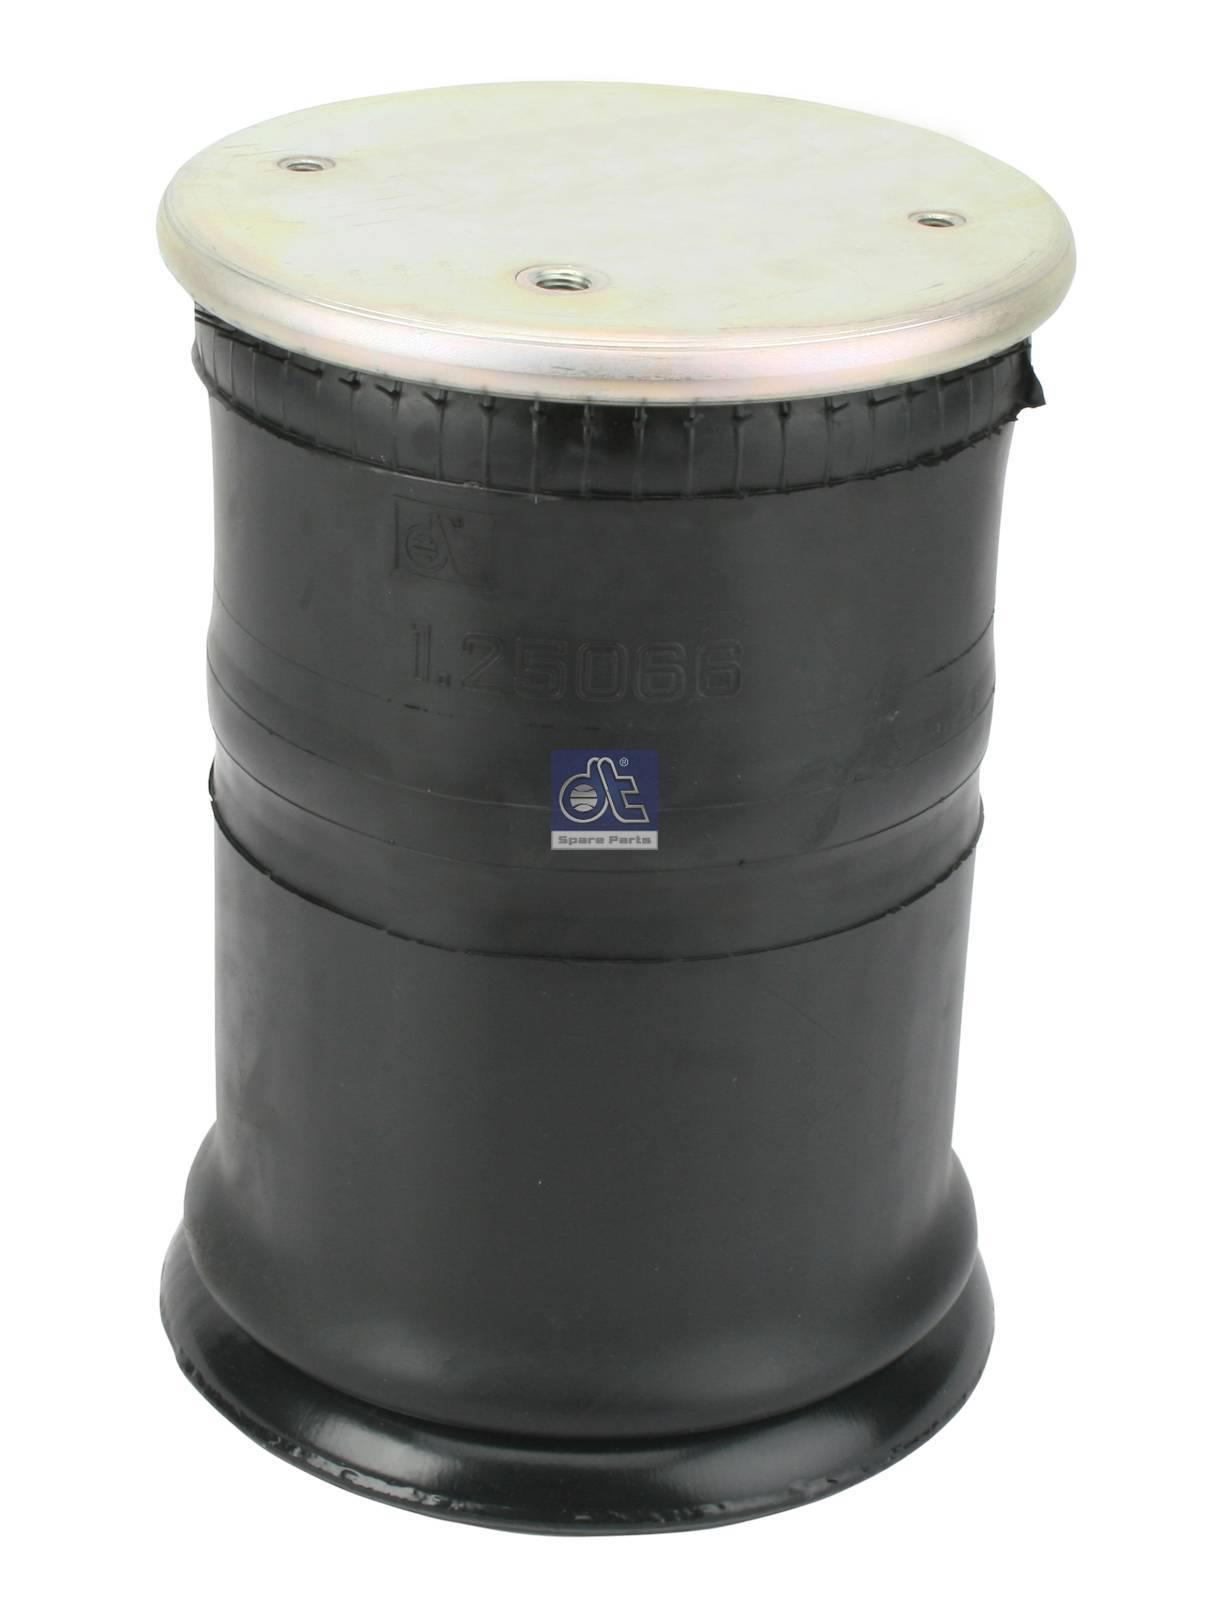 Mola de suspensão pneumática, com pistão de aço